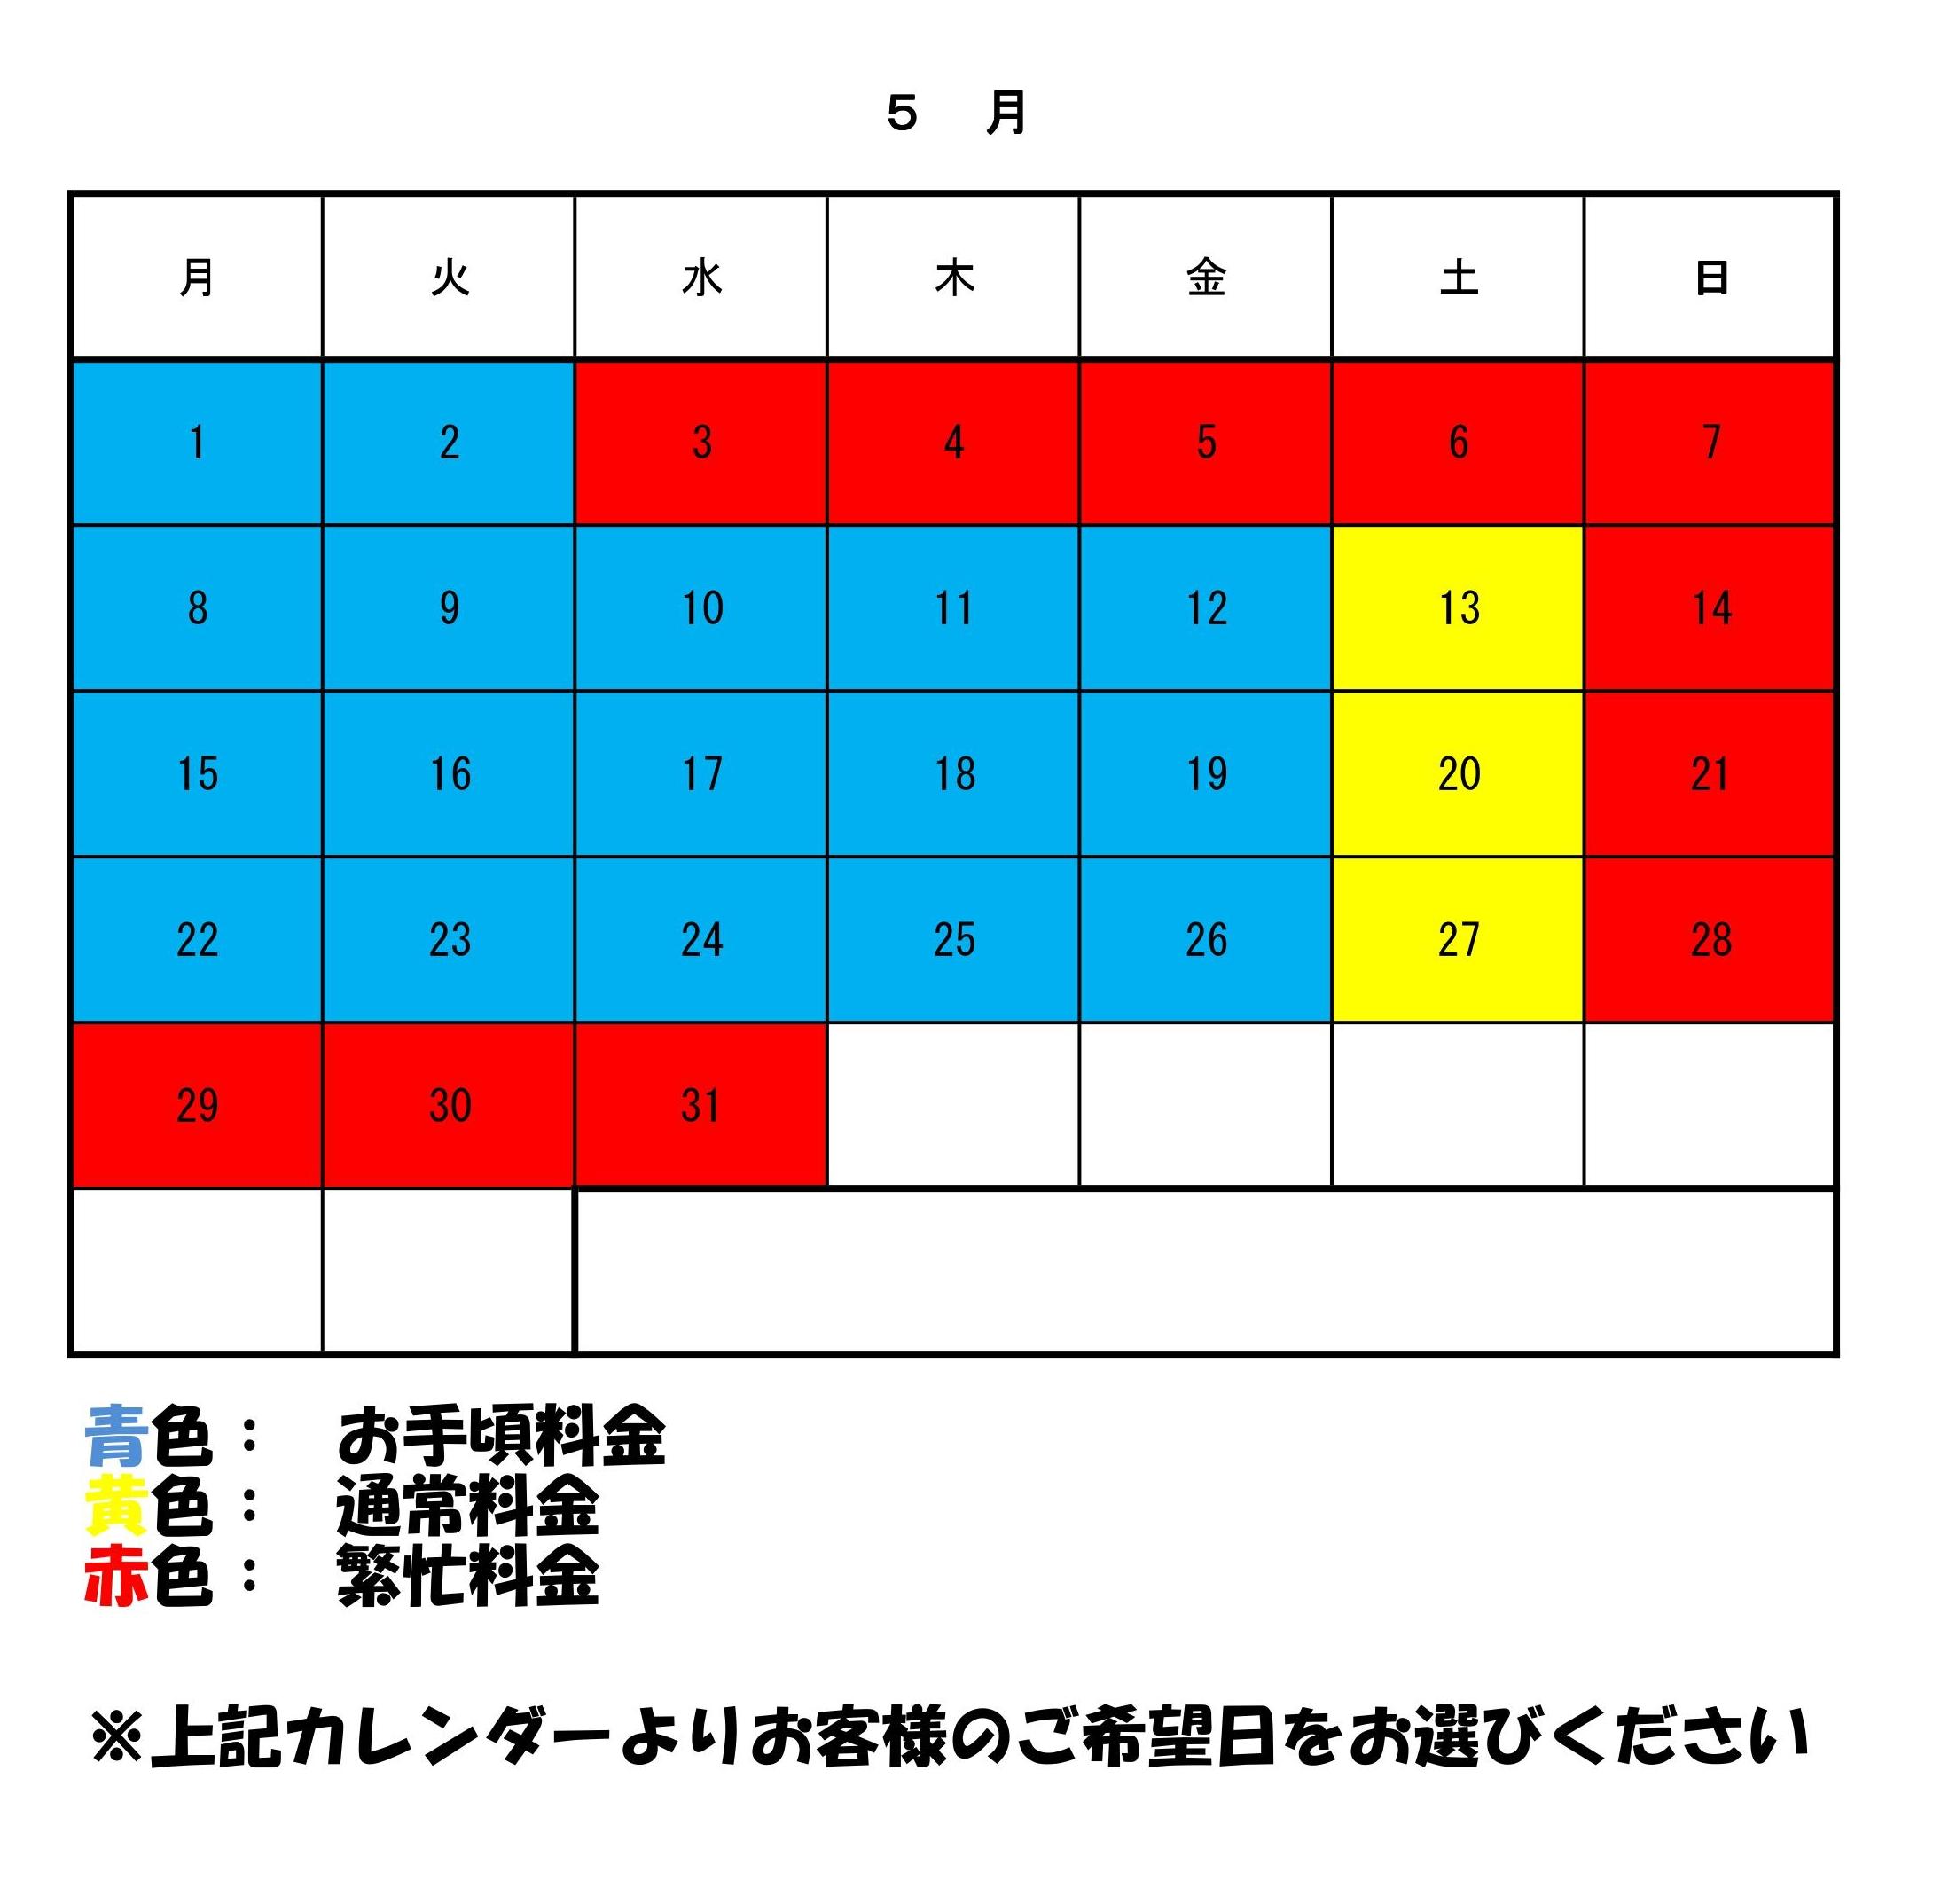 http://www.ikedapiano.co.jp/0001%20%2823%29.jpg